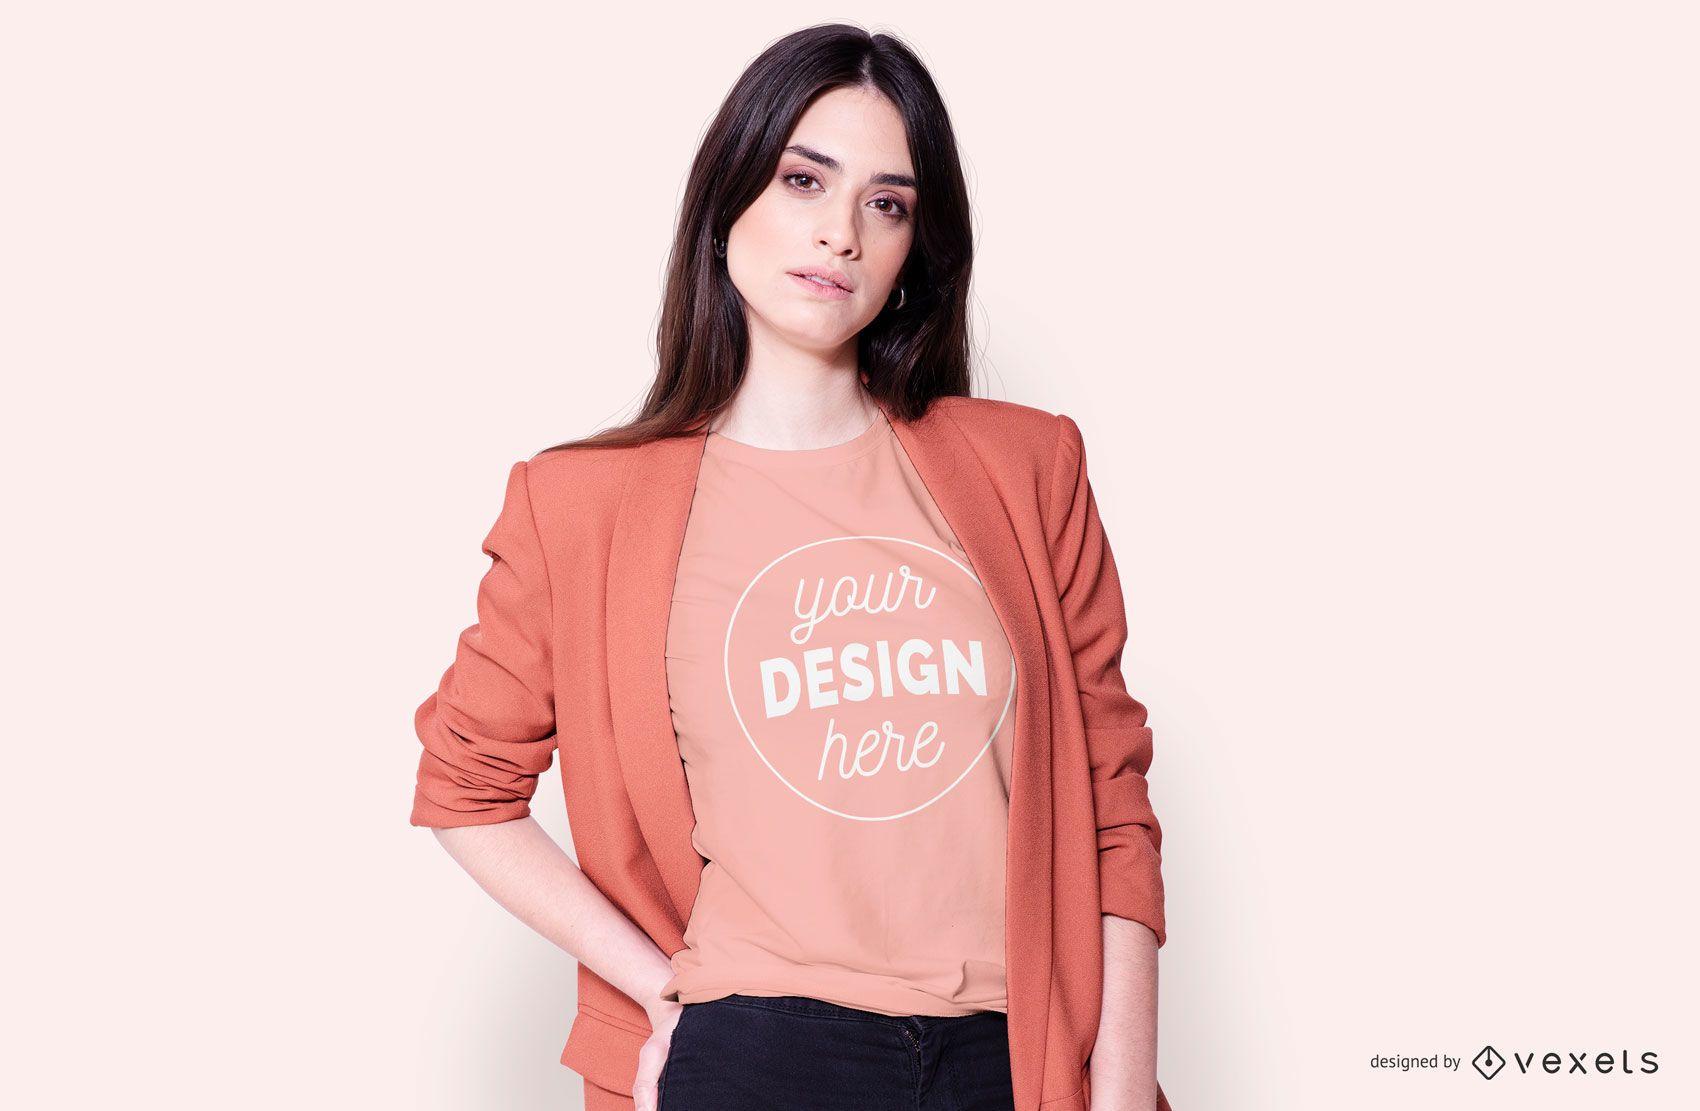 Mädchen Mode Jacke T-Shirt Modell